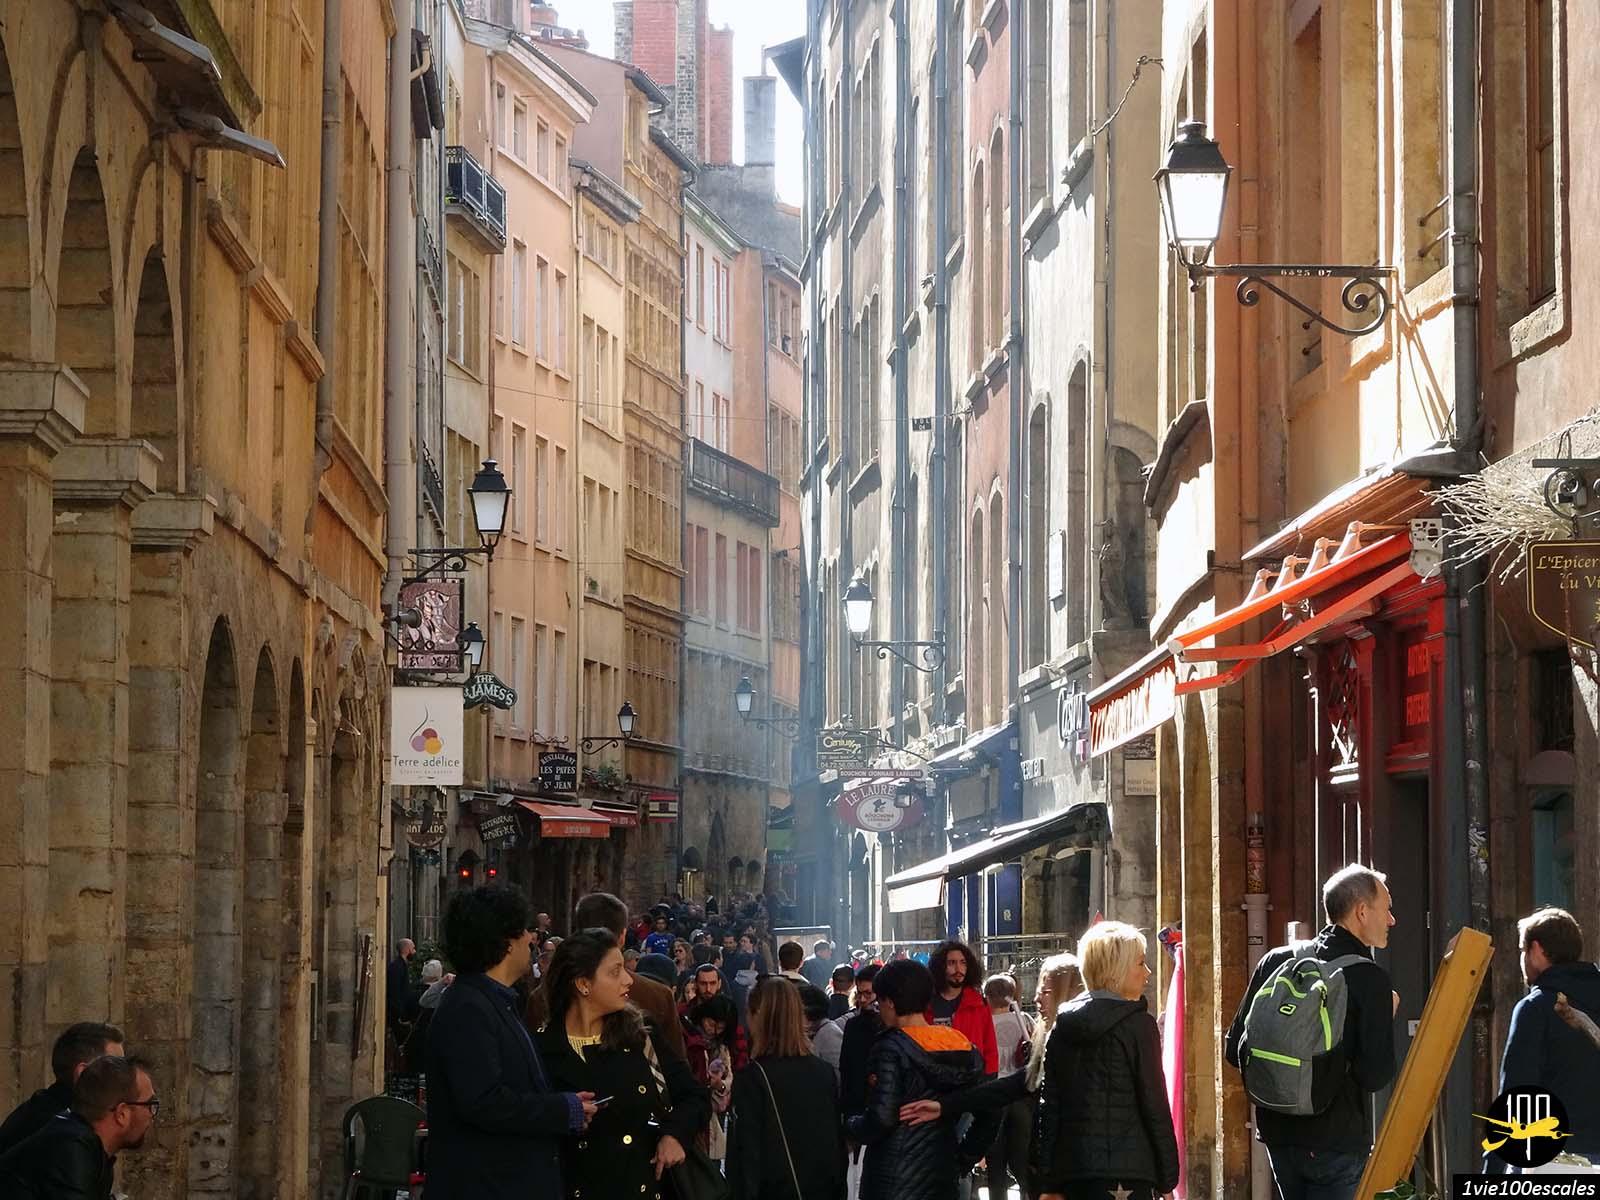 Une rue typique du vieux lyon avec les bouchons et nombreux touristes